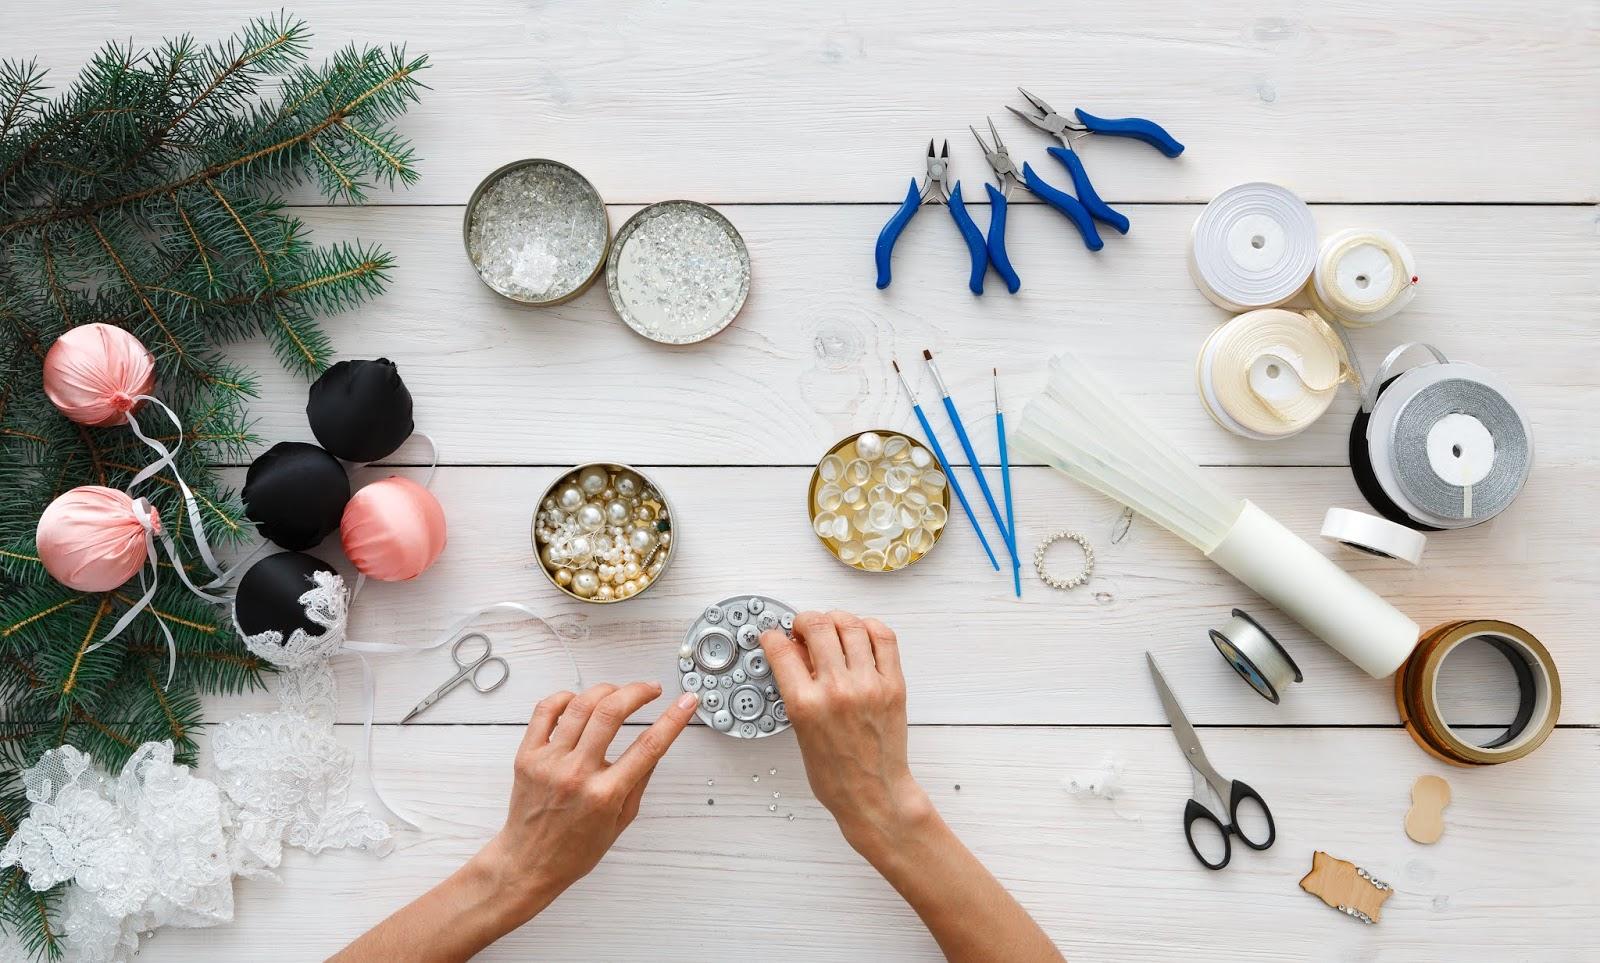 reciclar adornos  navideños con tela, botones y puntillas